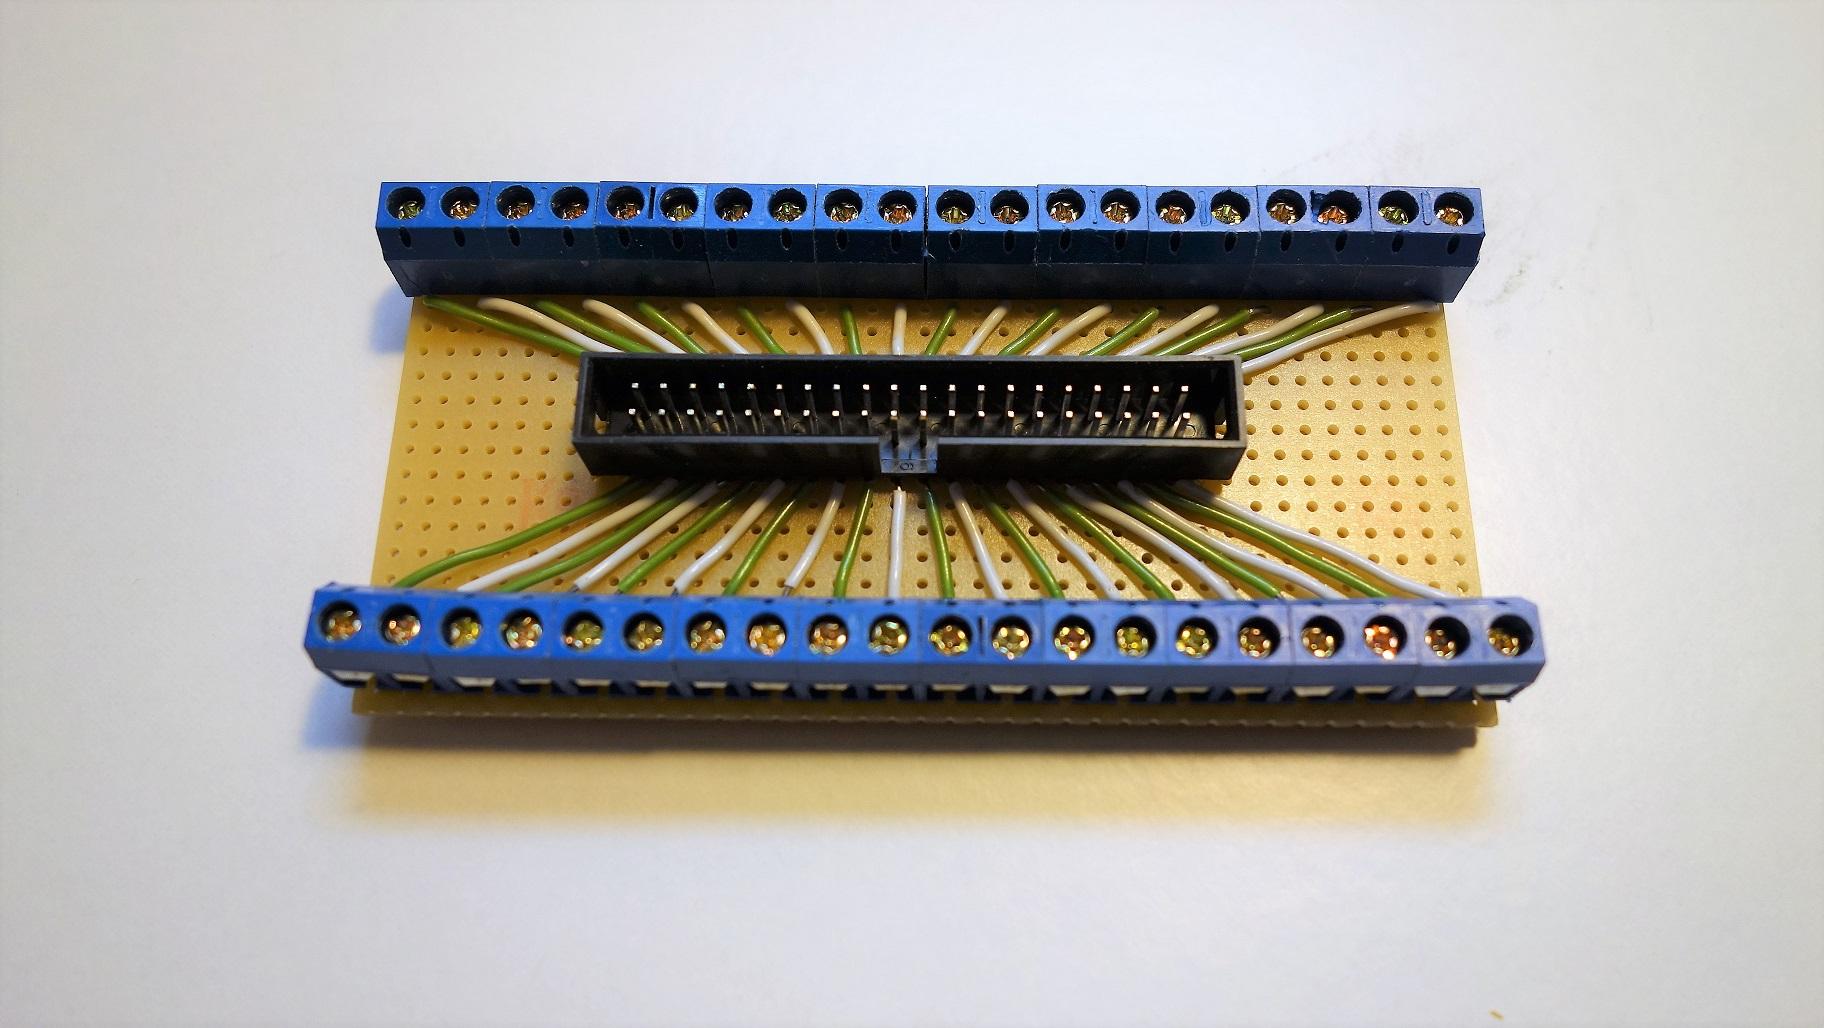 Fertige Basisplatine mit allen 40 Verbindungen